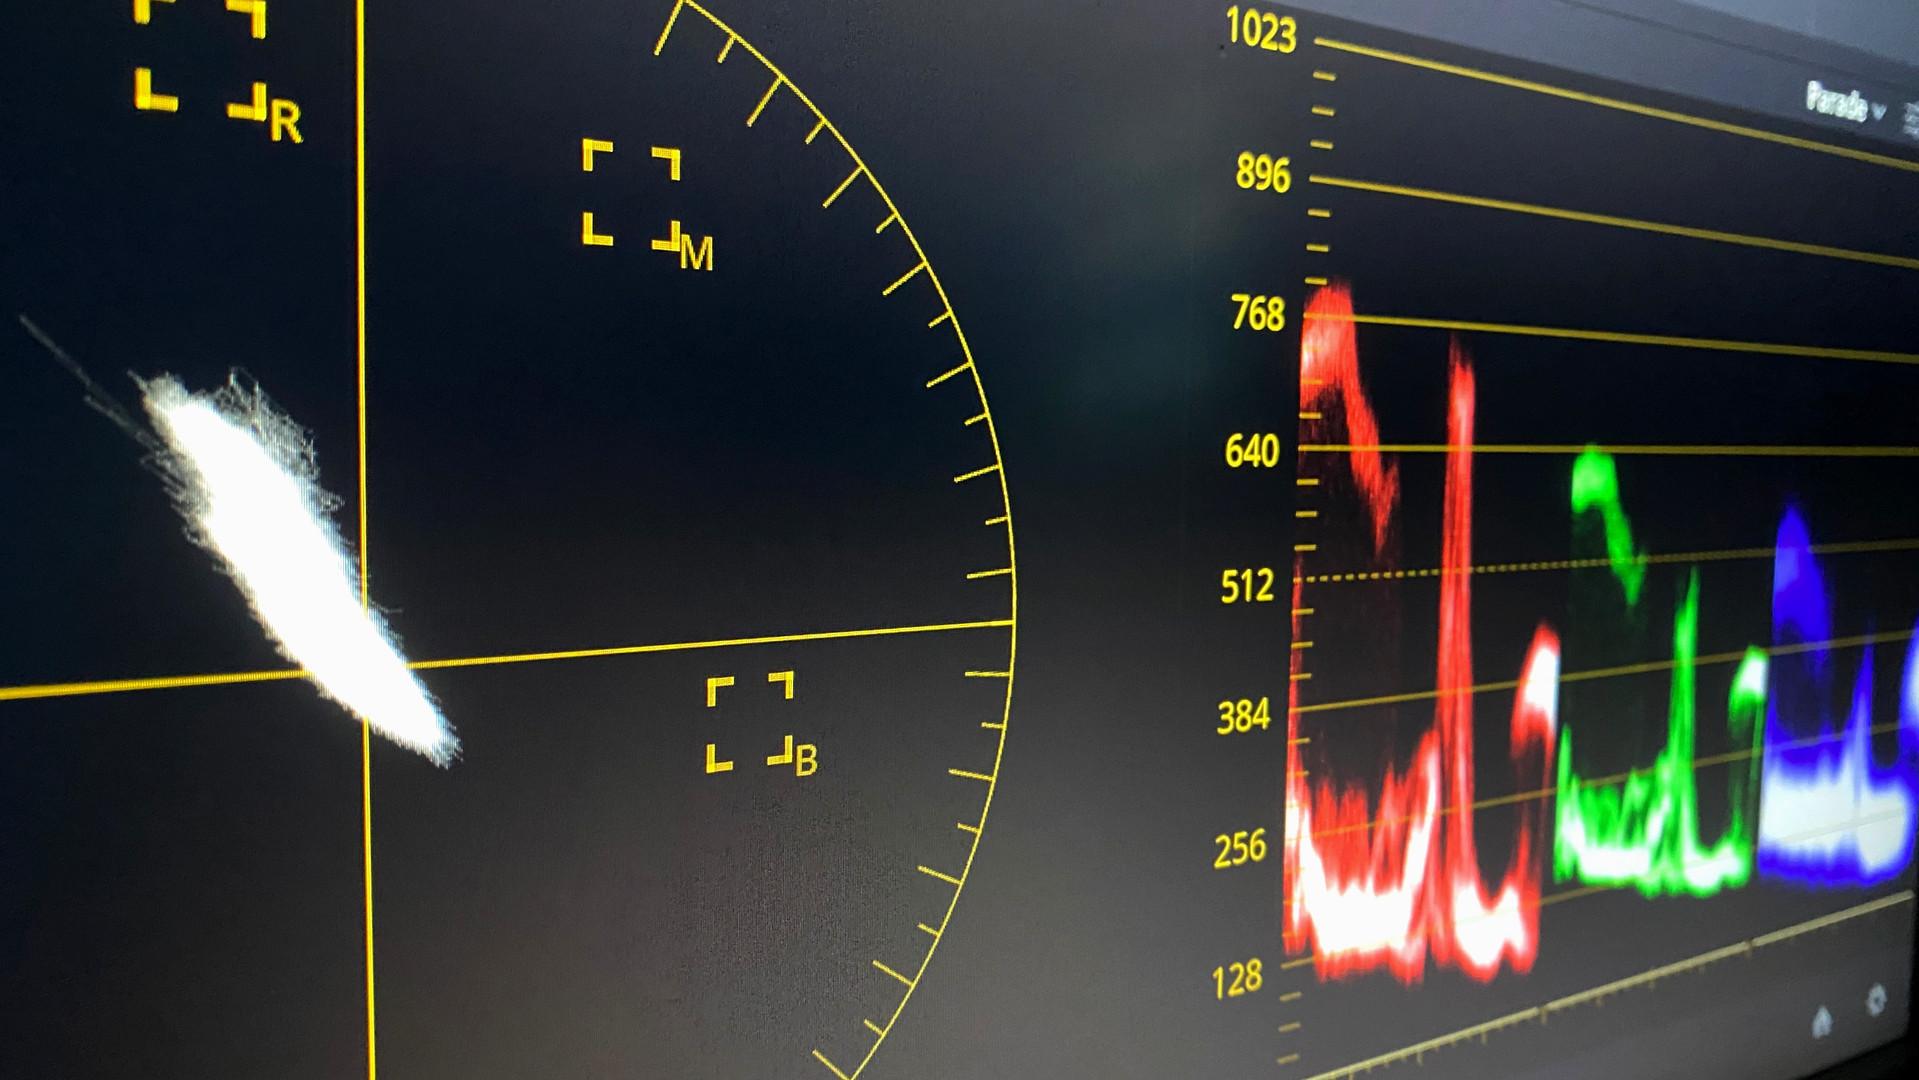 DaVinci Resolve Vectorscopes